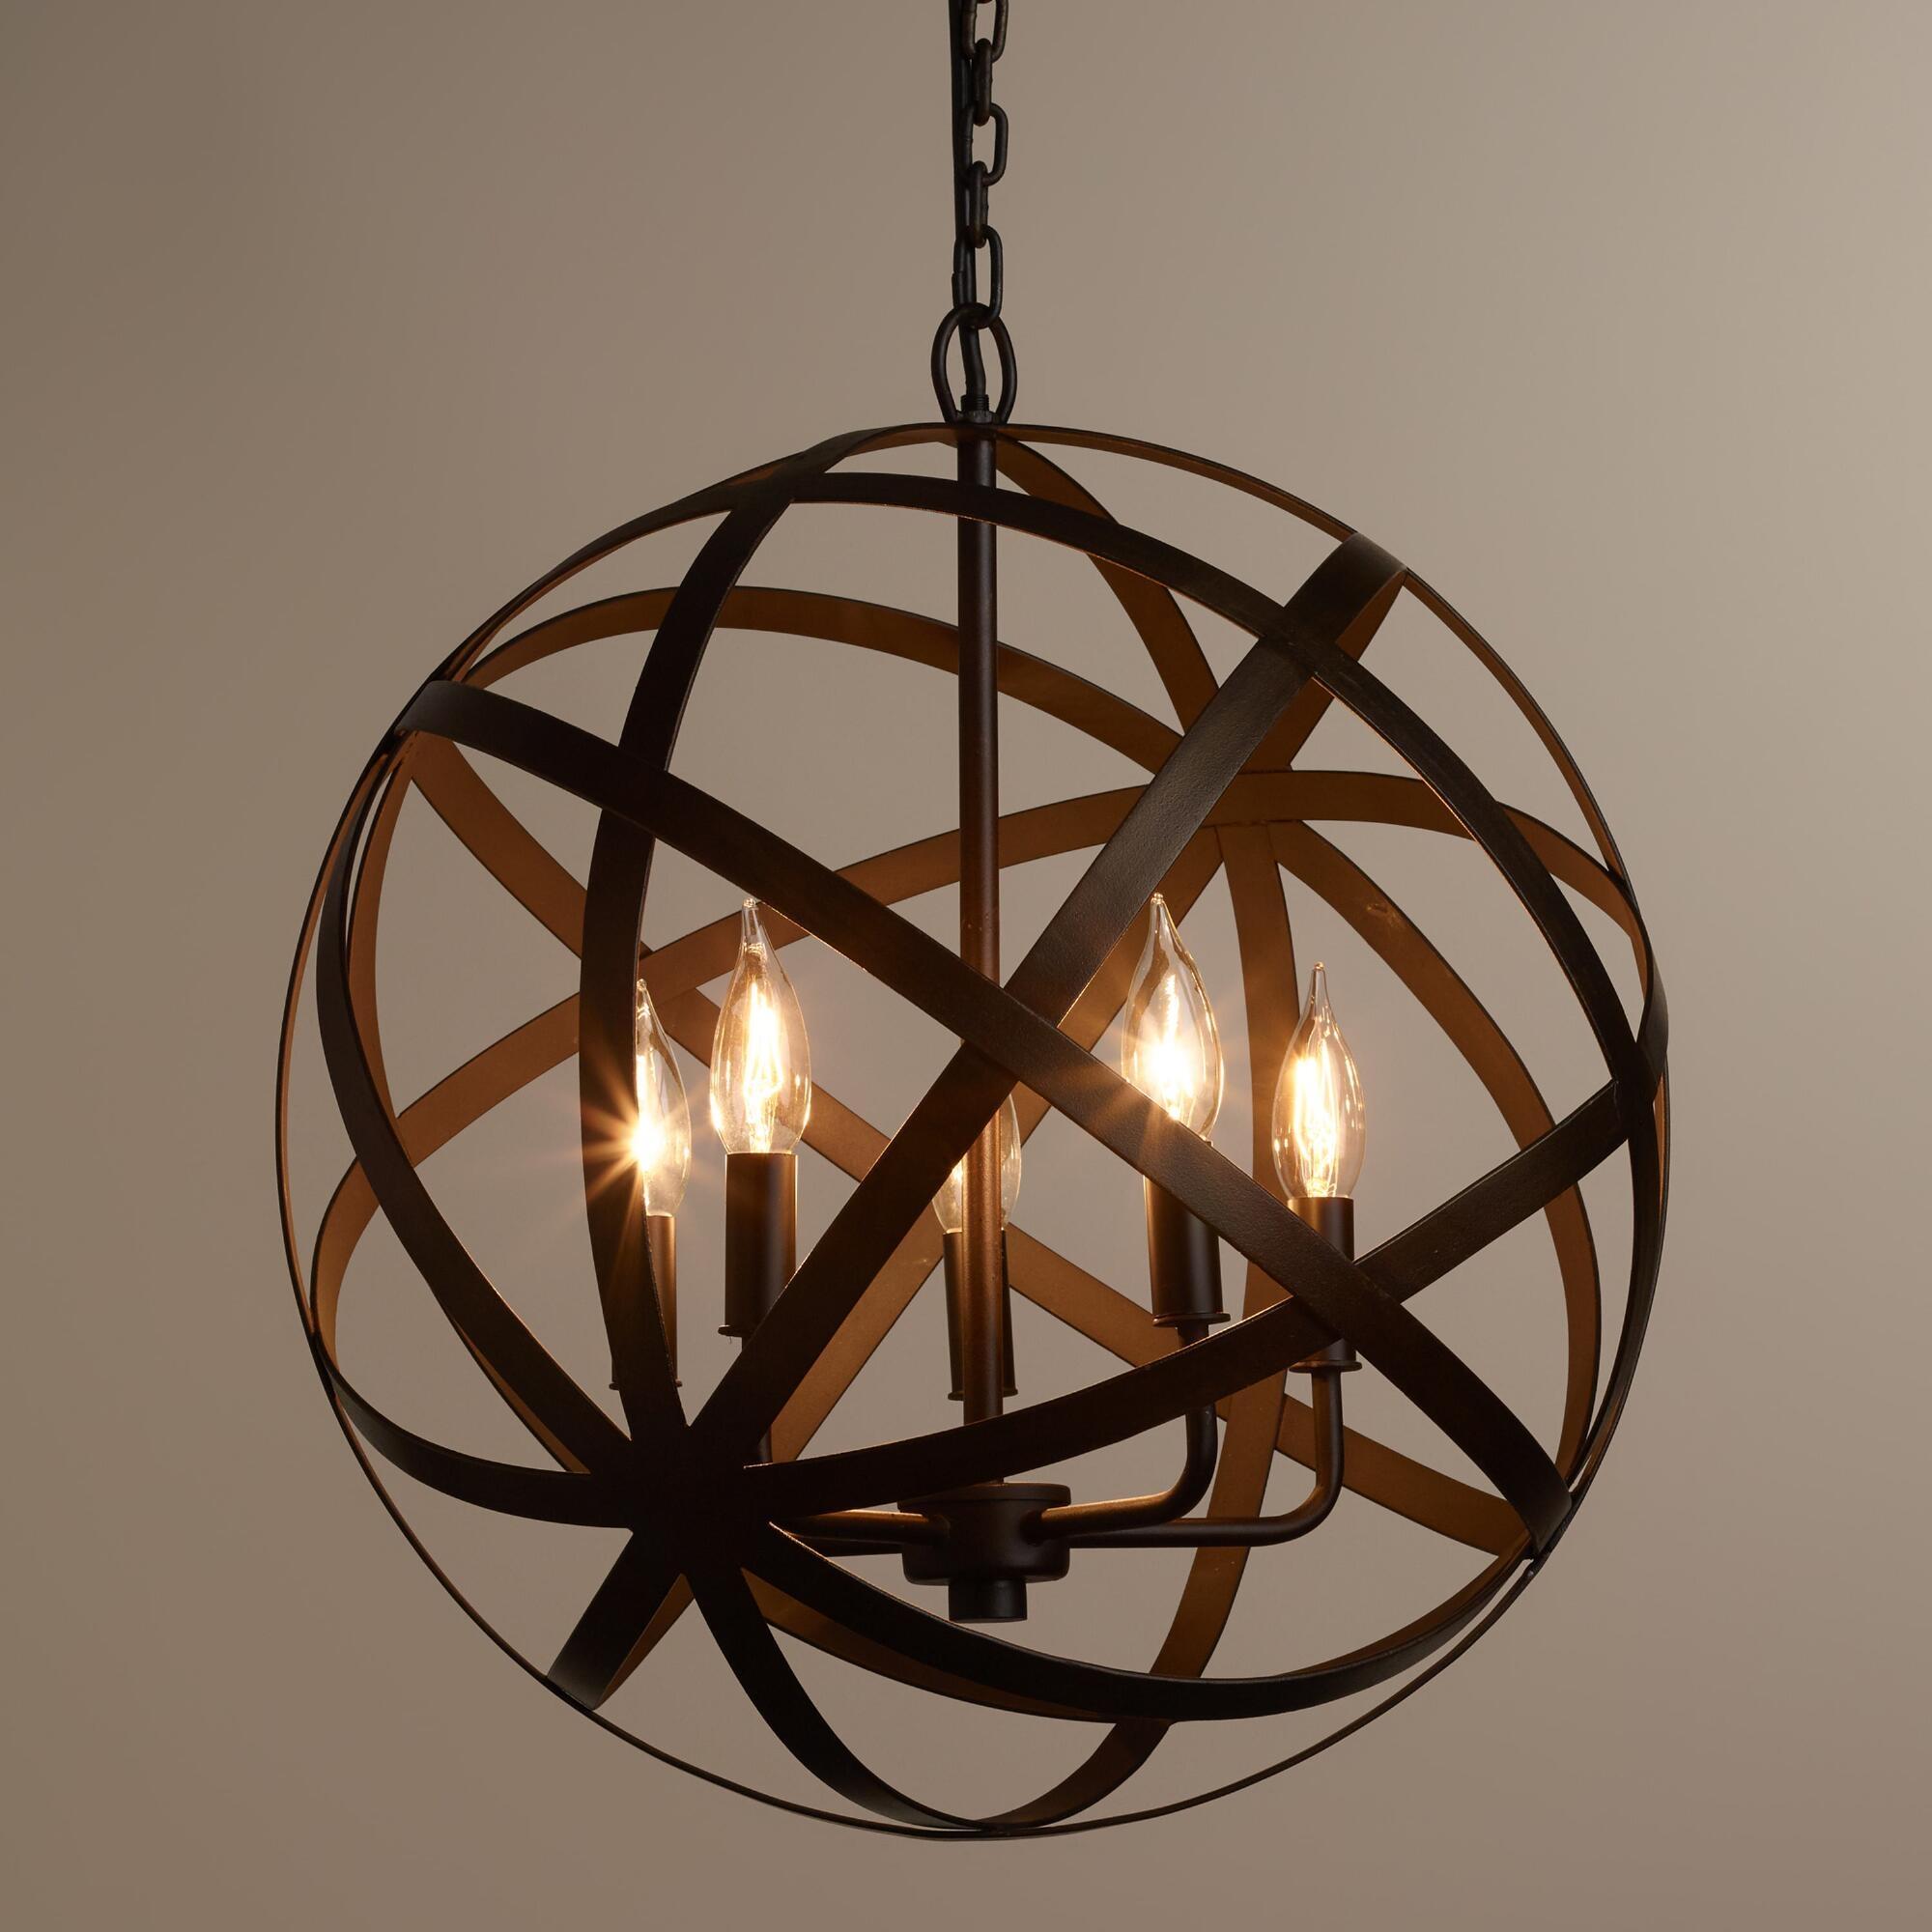 Industrial Round Chandelier Light Fixture Globe Metal Rustic With Regard To Metal Chandeliers (Image 11 of 15)